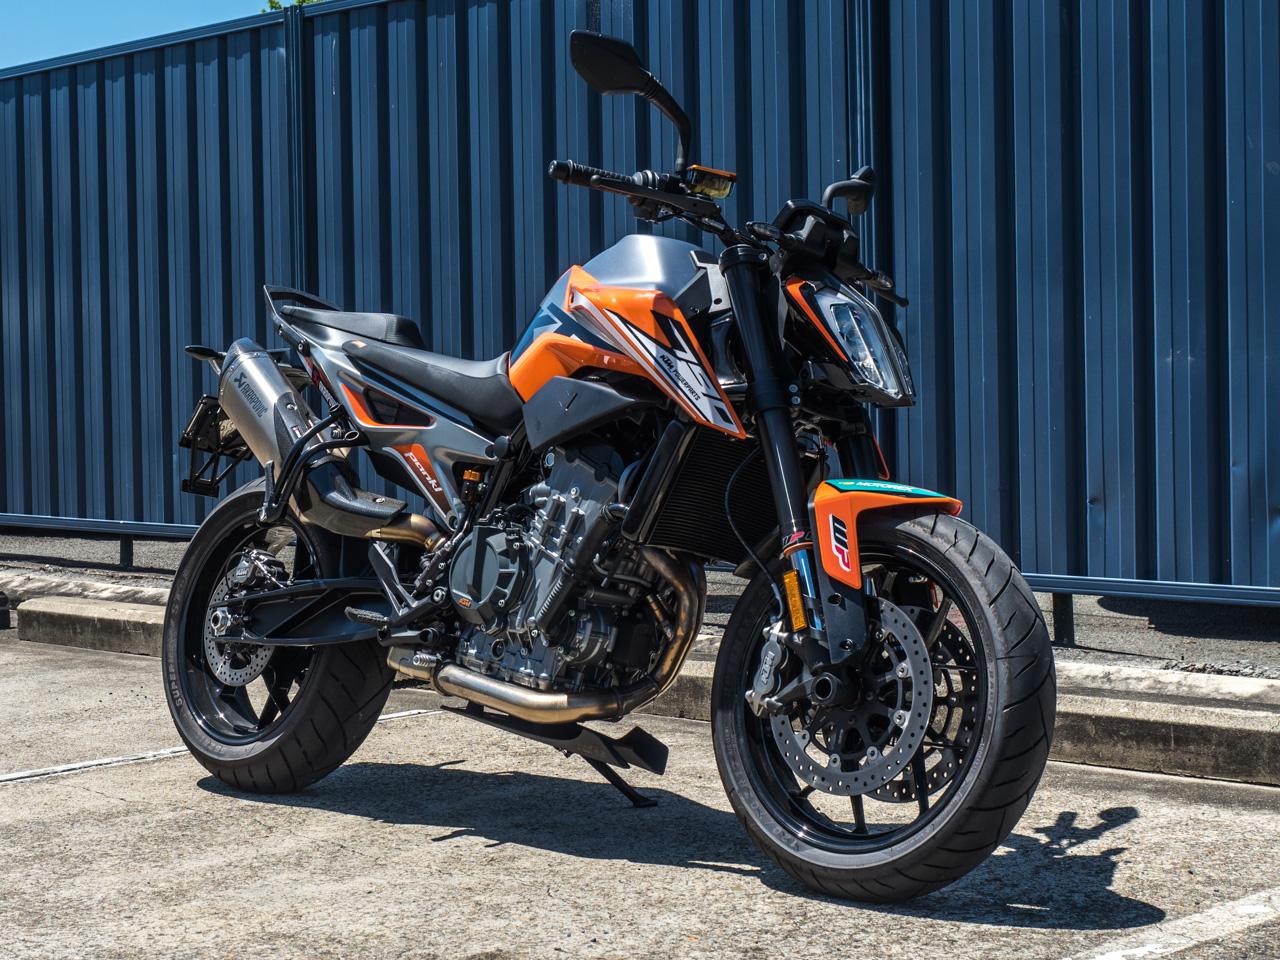 used ktm 790 duke 2018 for sale motorcycles r us. Black Bedroom Furniture Sets. Home Design Ideas